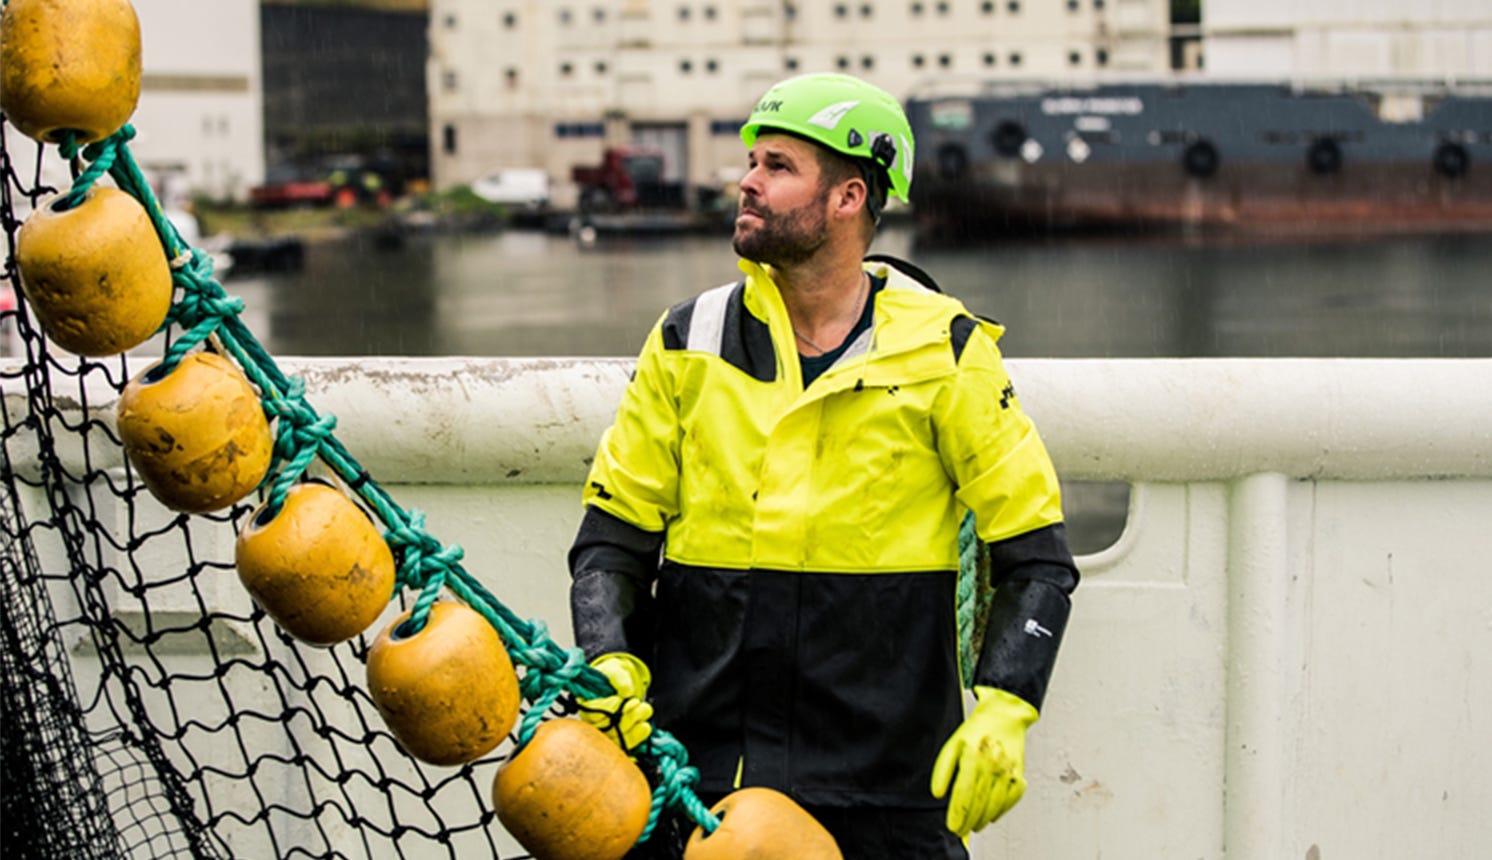 Univerns arbeidsklær for deg i fiskeri og havbruksnæringen